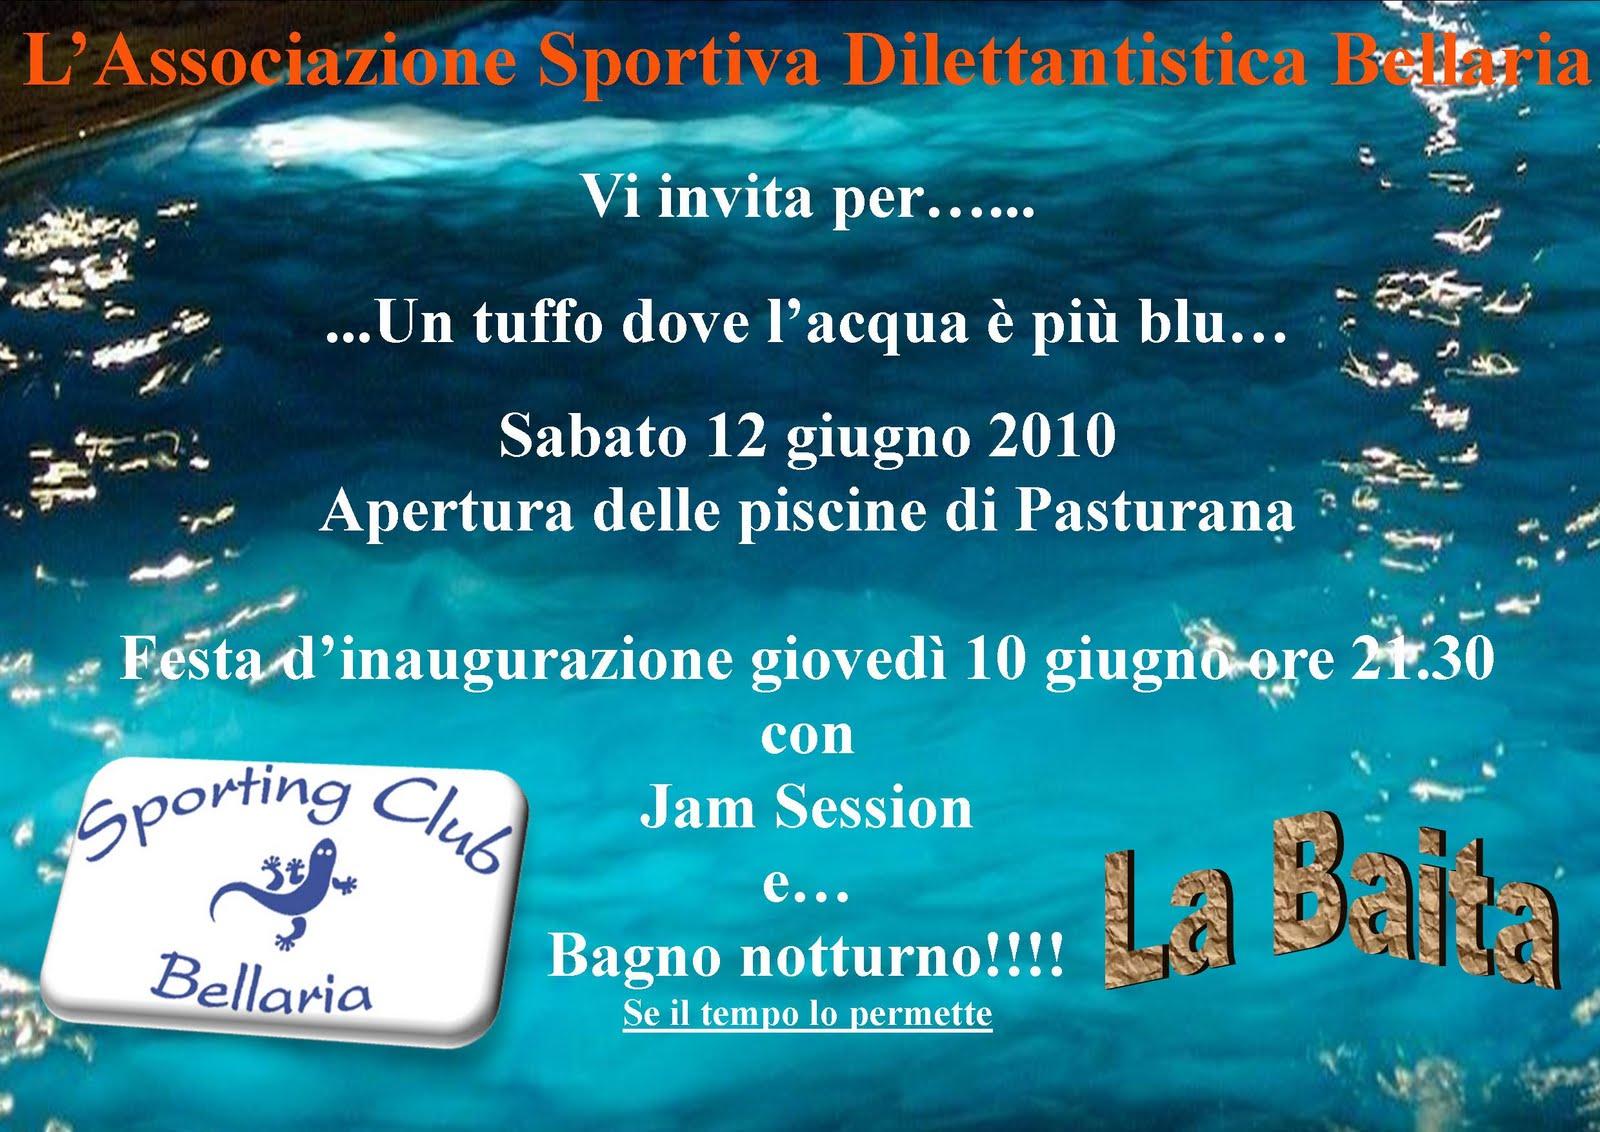 BlogAL Sabato 12 giugno apertura Piscina di Pasturana Sporting Club Bellaria e gioved 10